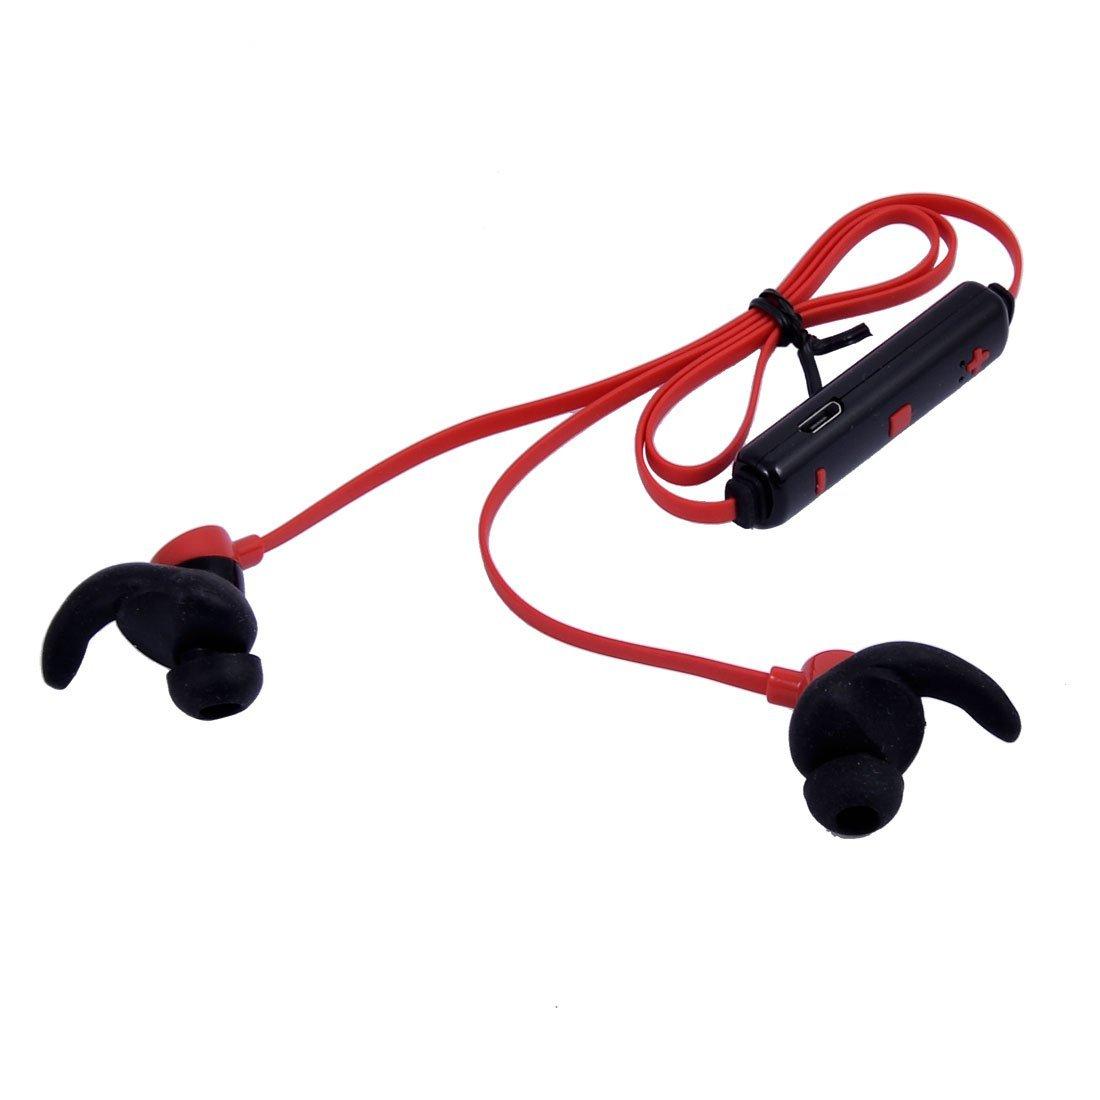 Amazon.com: eDealMax Deporte Bluetooth 4.1 Para auriculares inalámbricos en la oreja Los auriculares del micrófono del auricular Rojo: Electronics